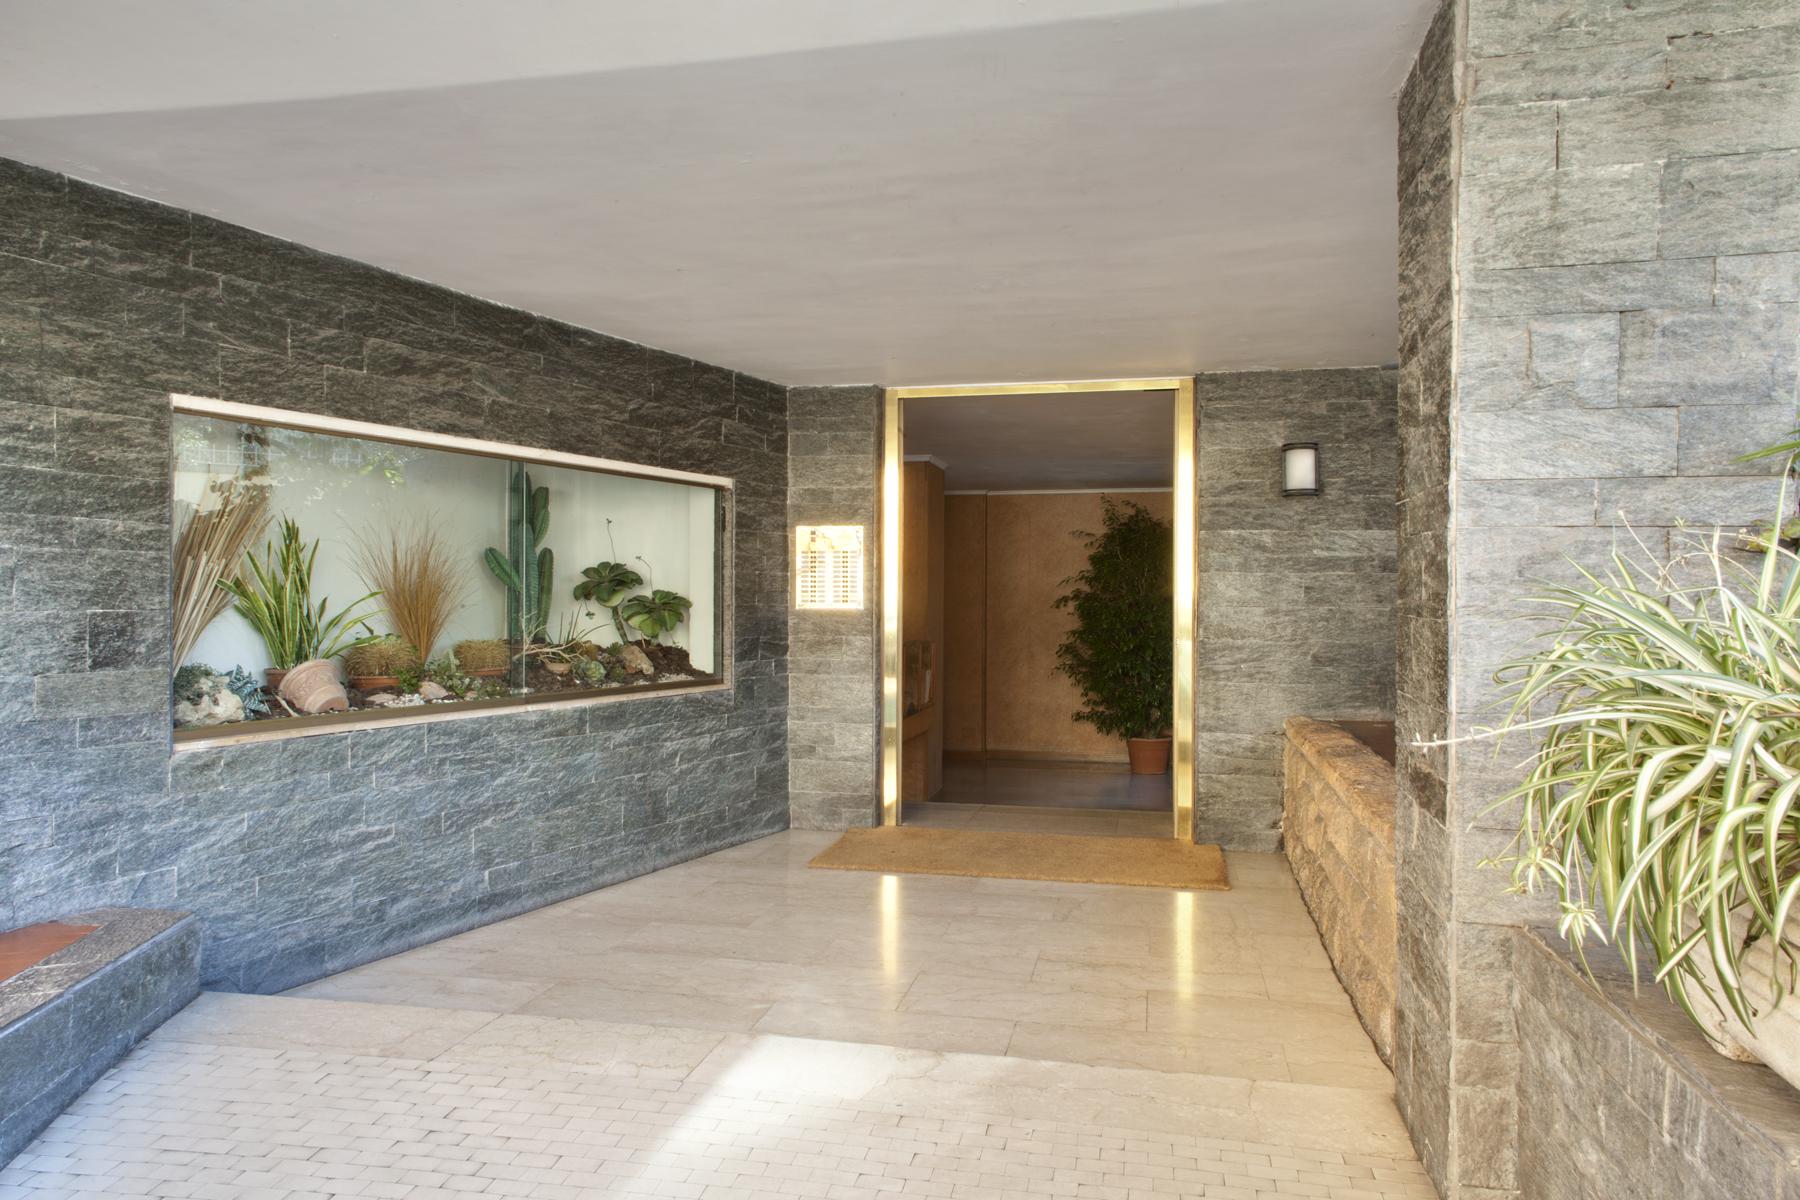 Appartamento per Vendita alle ore Appartamento in contesto elegante nei pressi di Corso Trieste Via Corsica Rome, Roma 00195 Italia